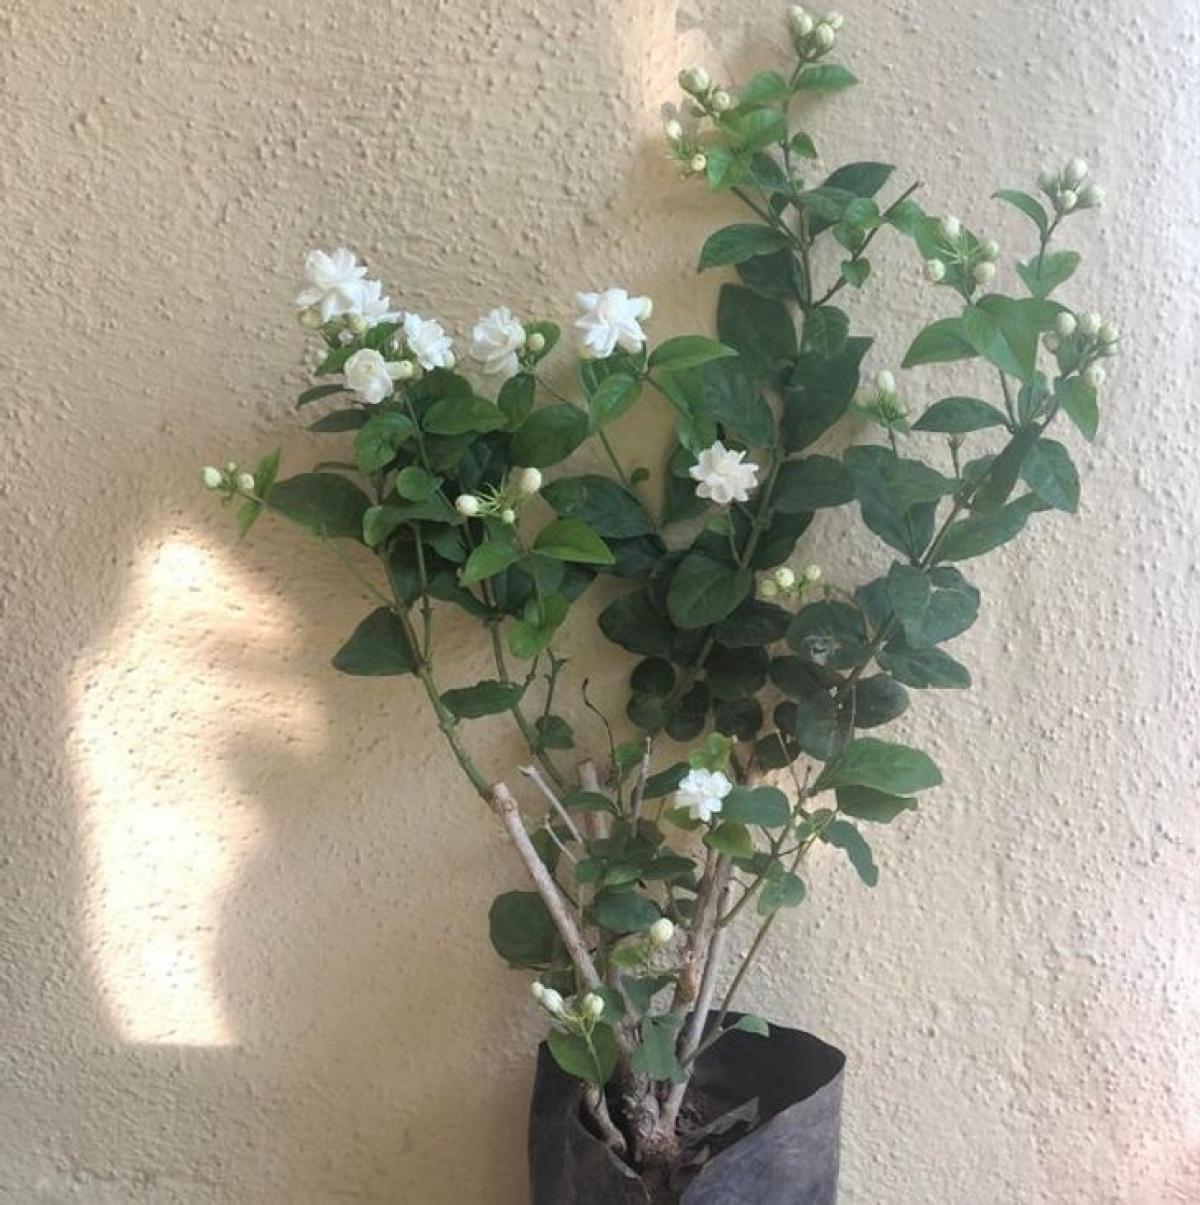 Cây hoa nhài: Loài cây xinh đẹp có hoa màu trắng này có mùi hương ngọt ngào dễ chịu, ngoài tác dụng thư giãn, làm giảm lo lắng thì nó còn giúp bạn nghỉ ngơi vào ban đêm. Hoa nhài ưa nhiệt độ mát, nhiều ánh nắng và thanh lọc không khí.